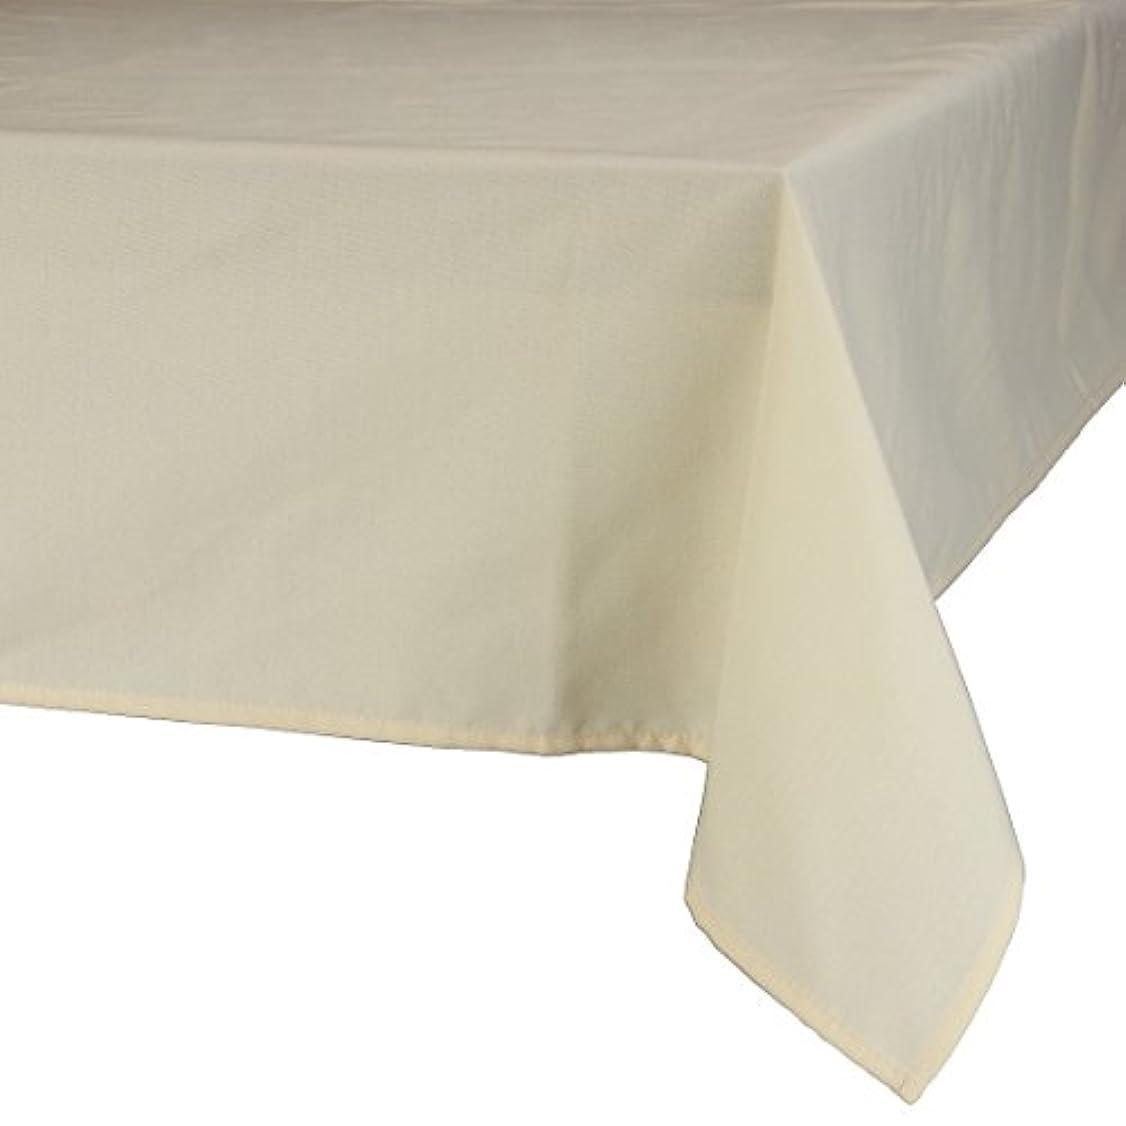 エジプト灰誤解を招くMAJEST(マジェスト) テーブルクロス 正方形150cmx150cm 布地 バミューダーサンド 無地 繋なし 吸水タイプ